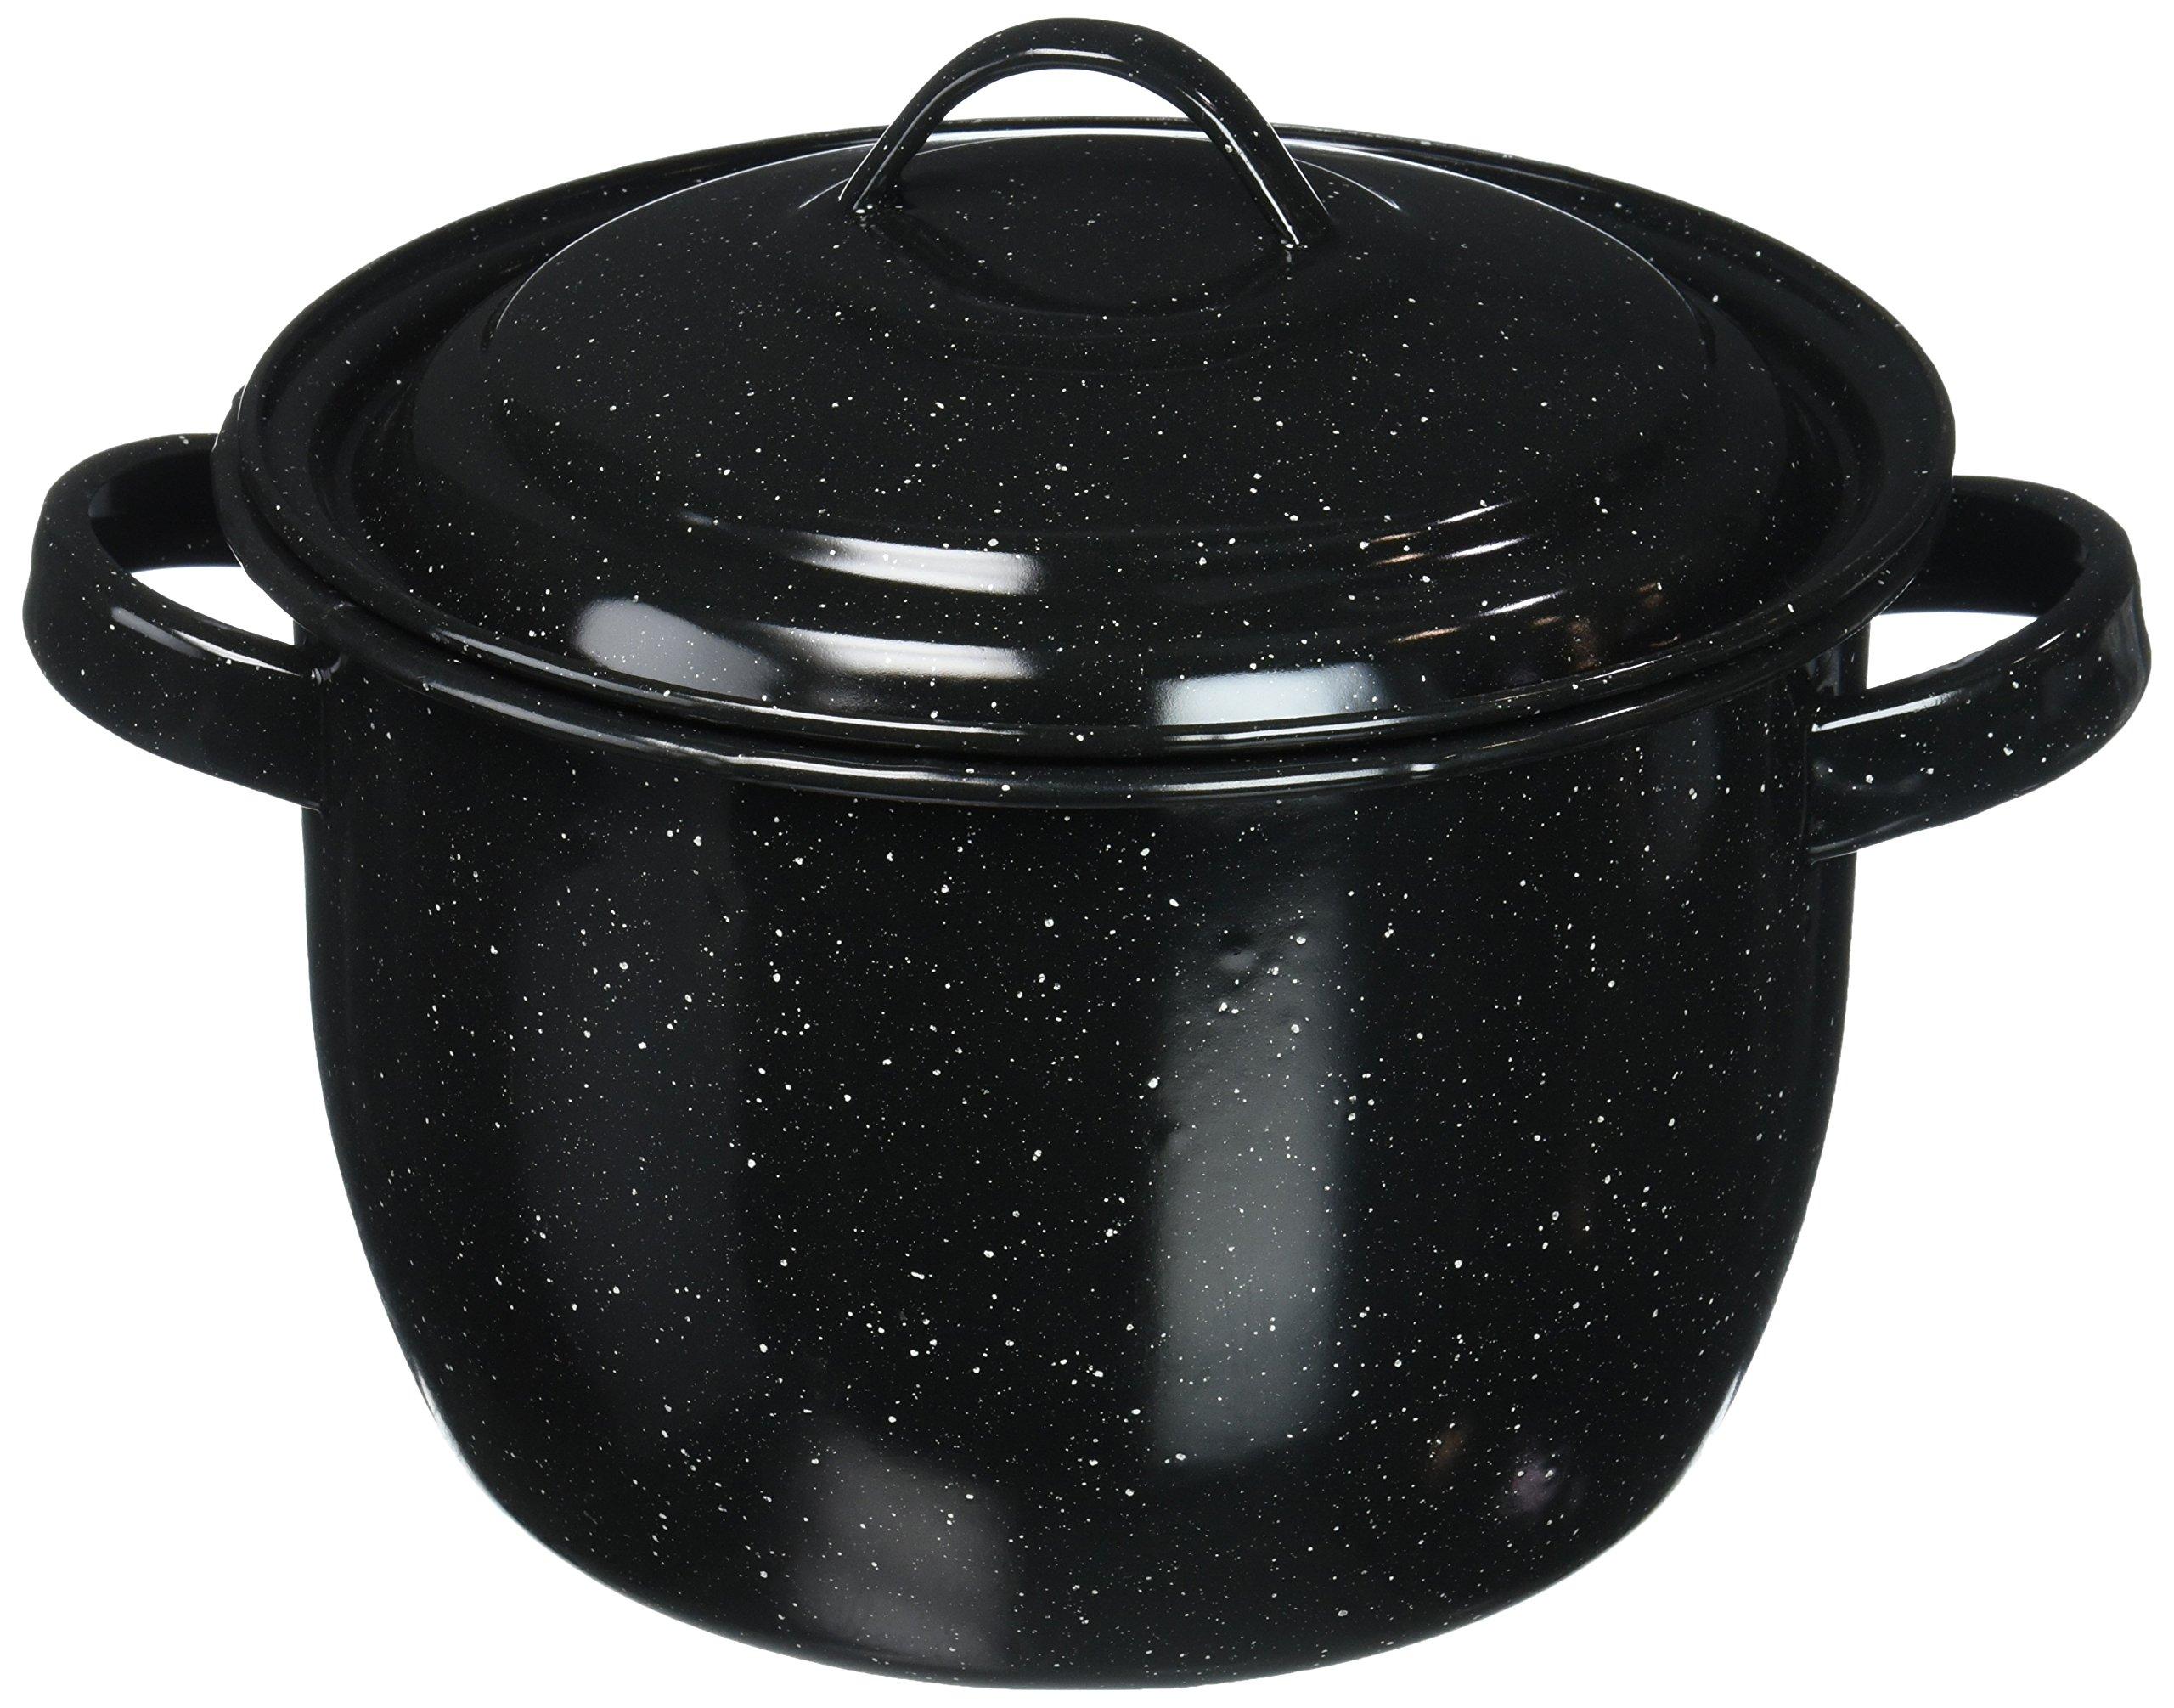 Granite Ware Bean Pot, 4-Quart